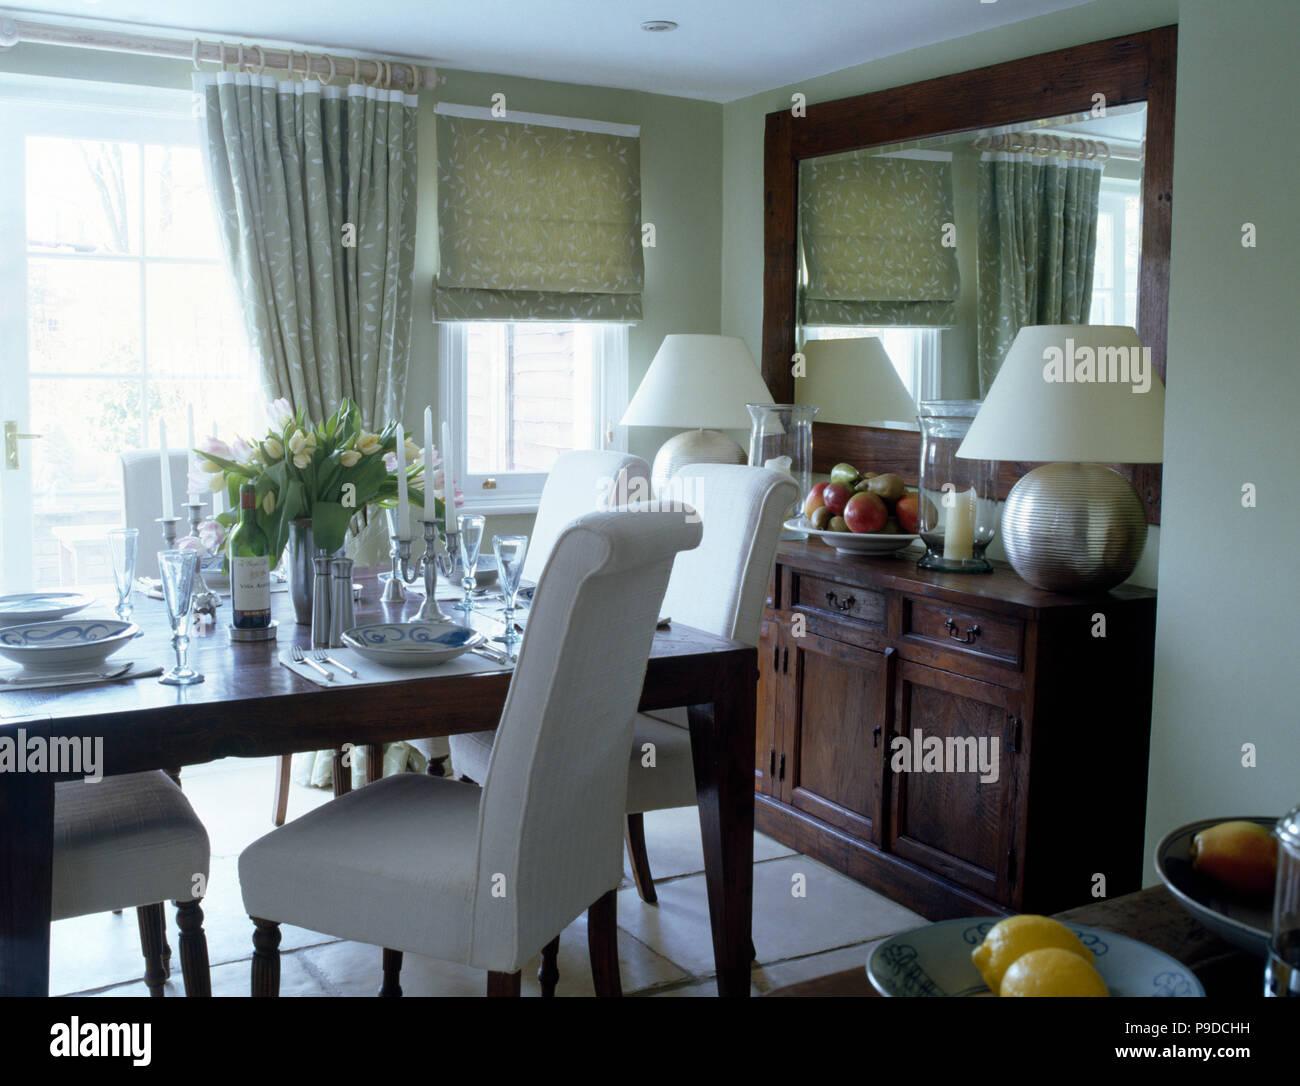 Weiss Gepolsterten Stuhlen Am Tisch Fur Das Mittagessen In Stadthaus